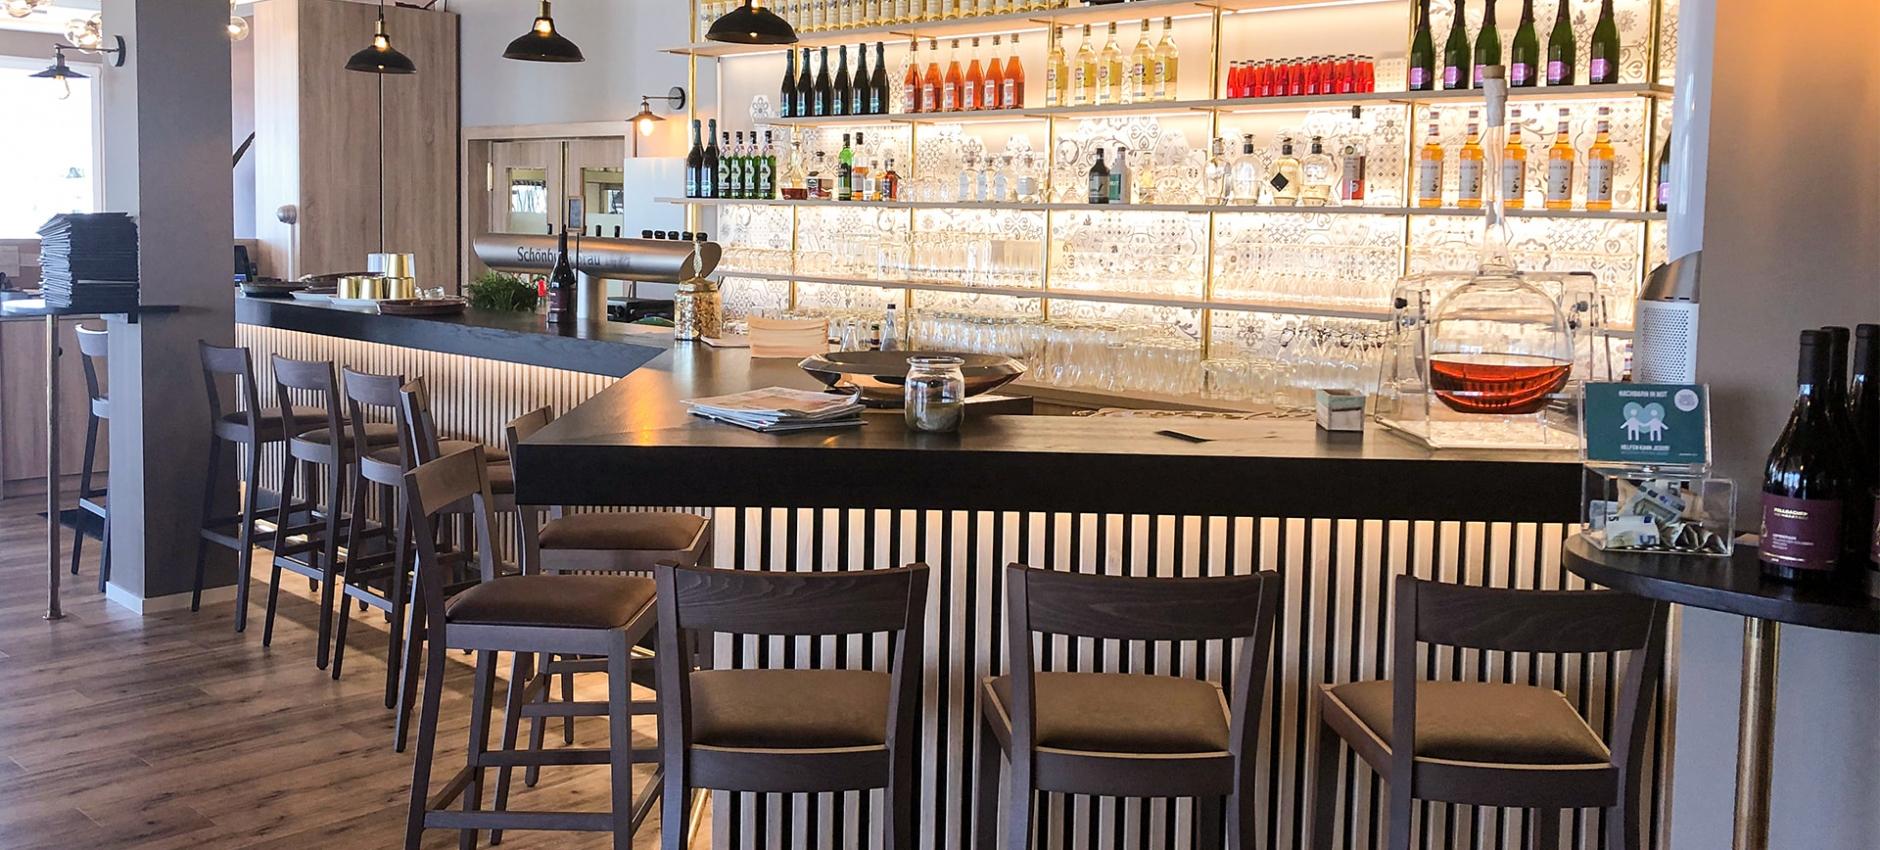 referenzen_boeblingen-restaurant_02.jpg